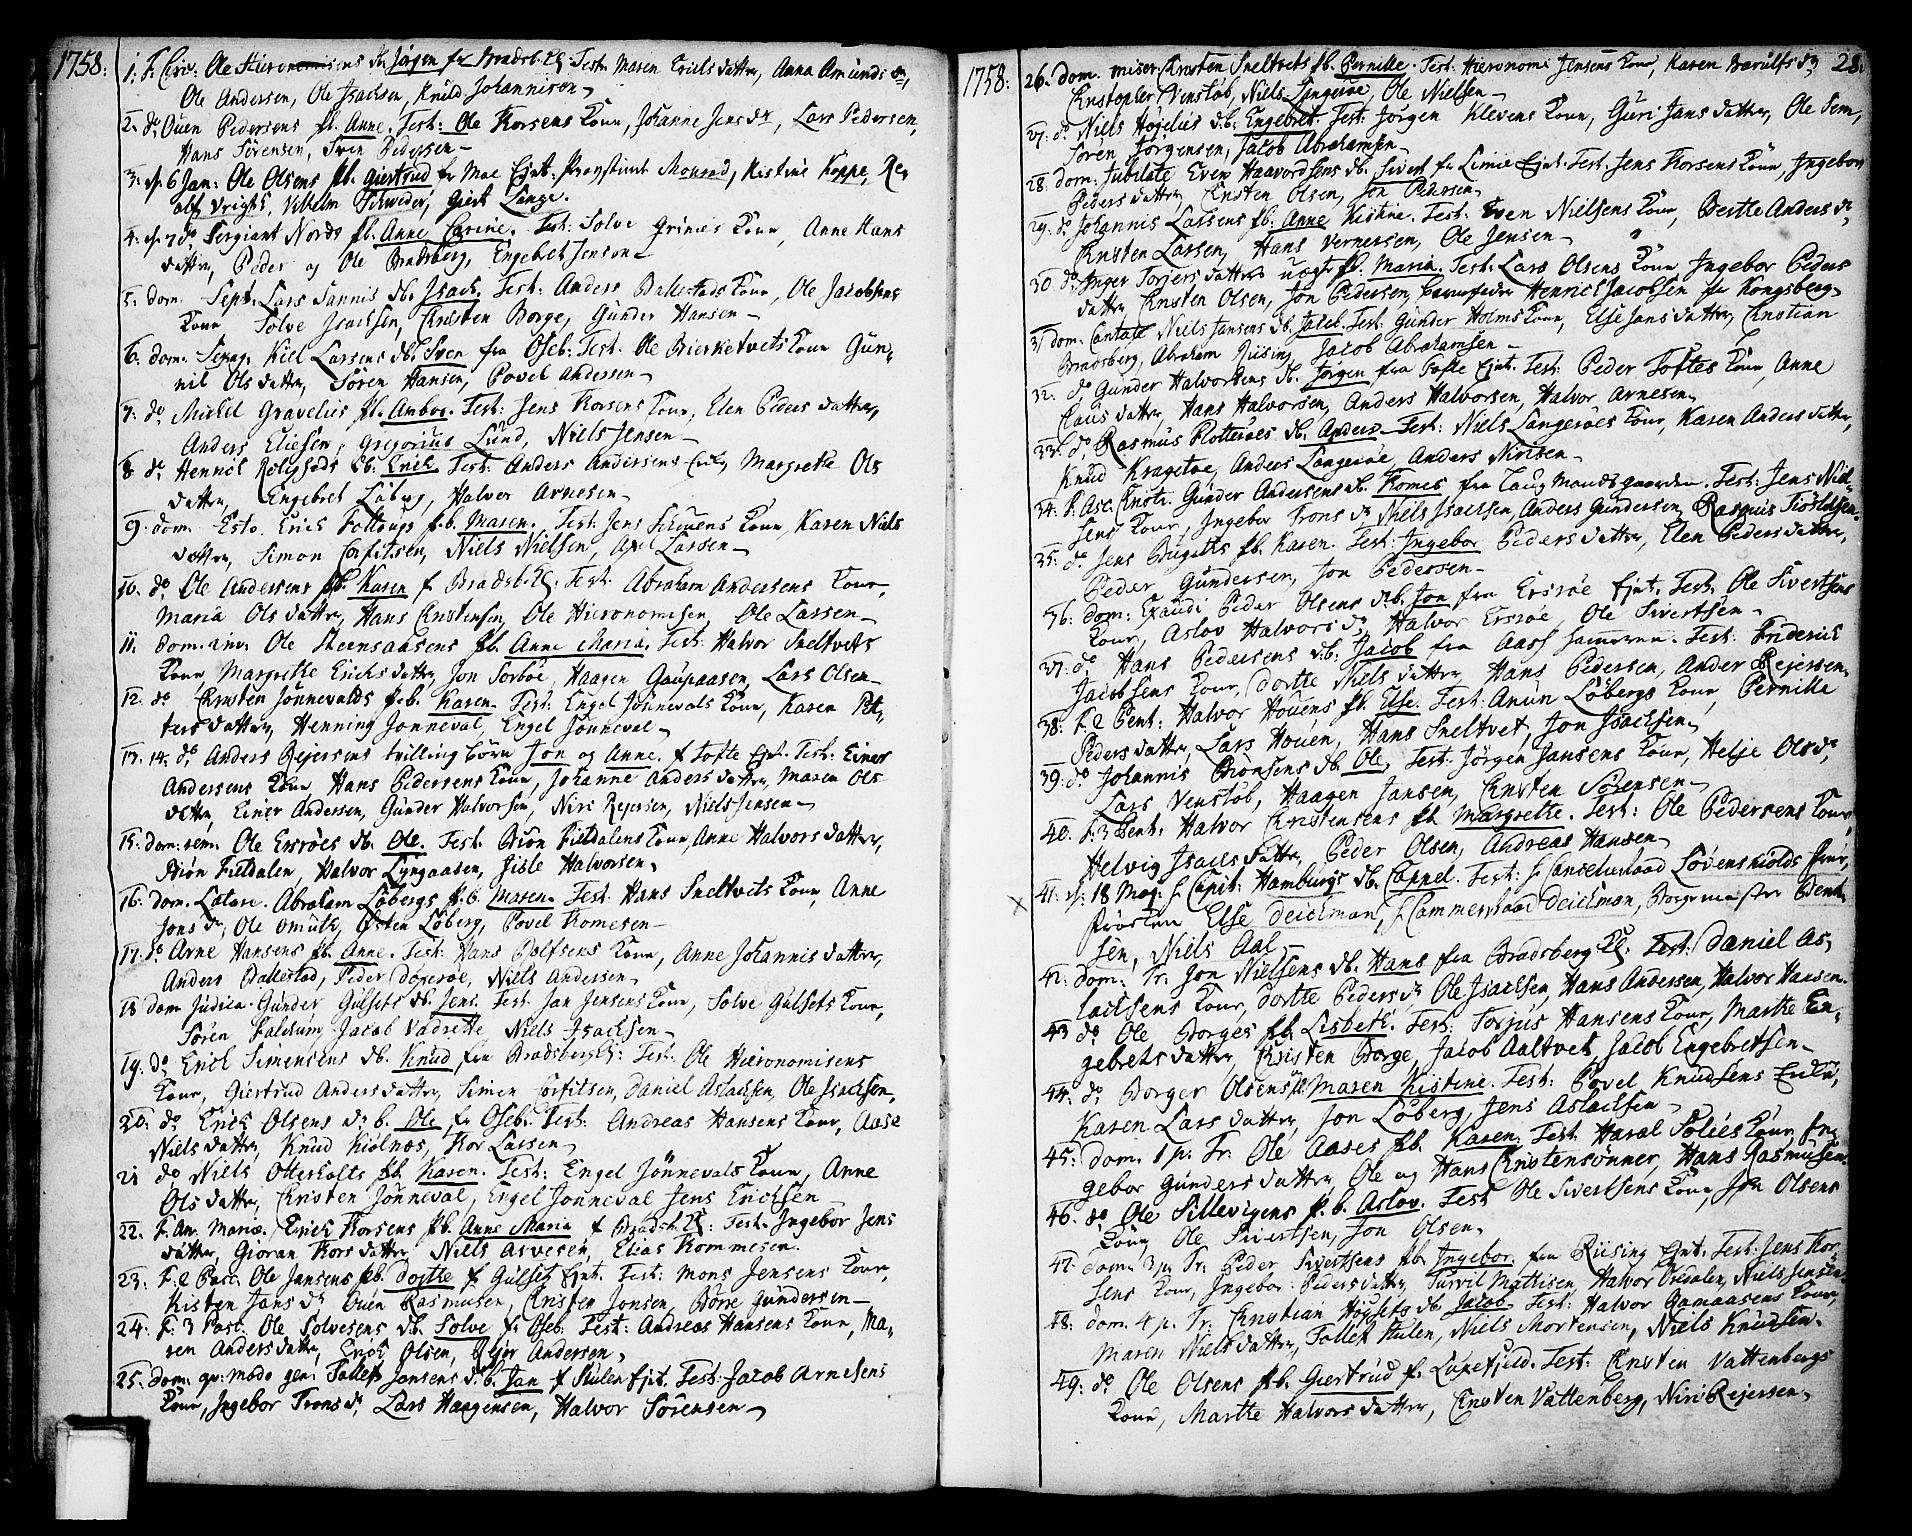 SAKO, Gjerpen kirkebøker, F/Fa/L0002: Ministerialbok nr. 2, 1747-1795, s. 28